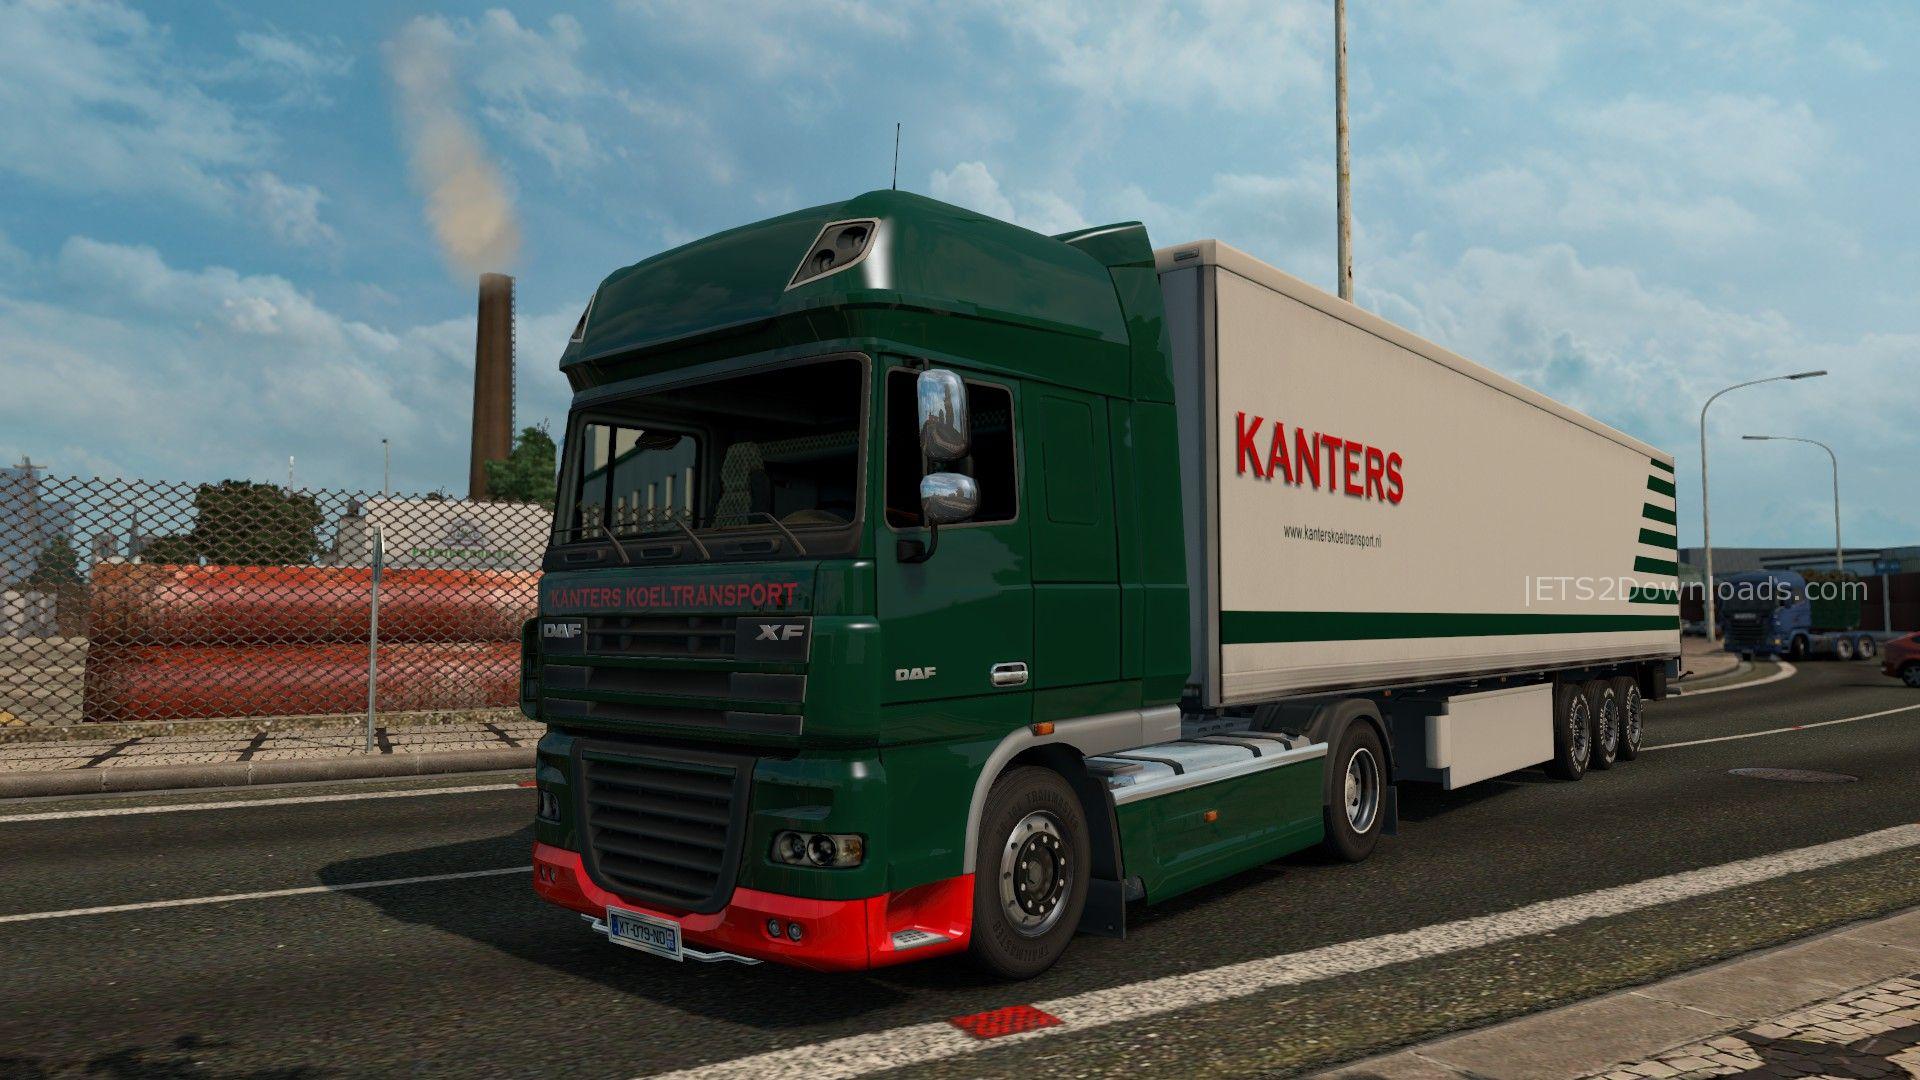 kanters-koeltransport-combo-pack-for-daf-xf